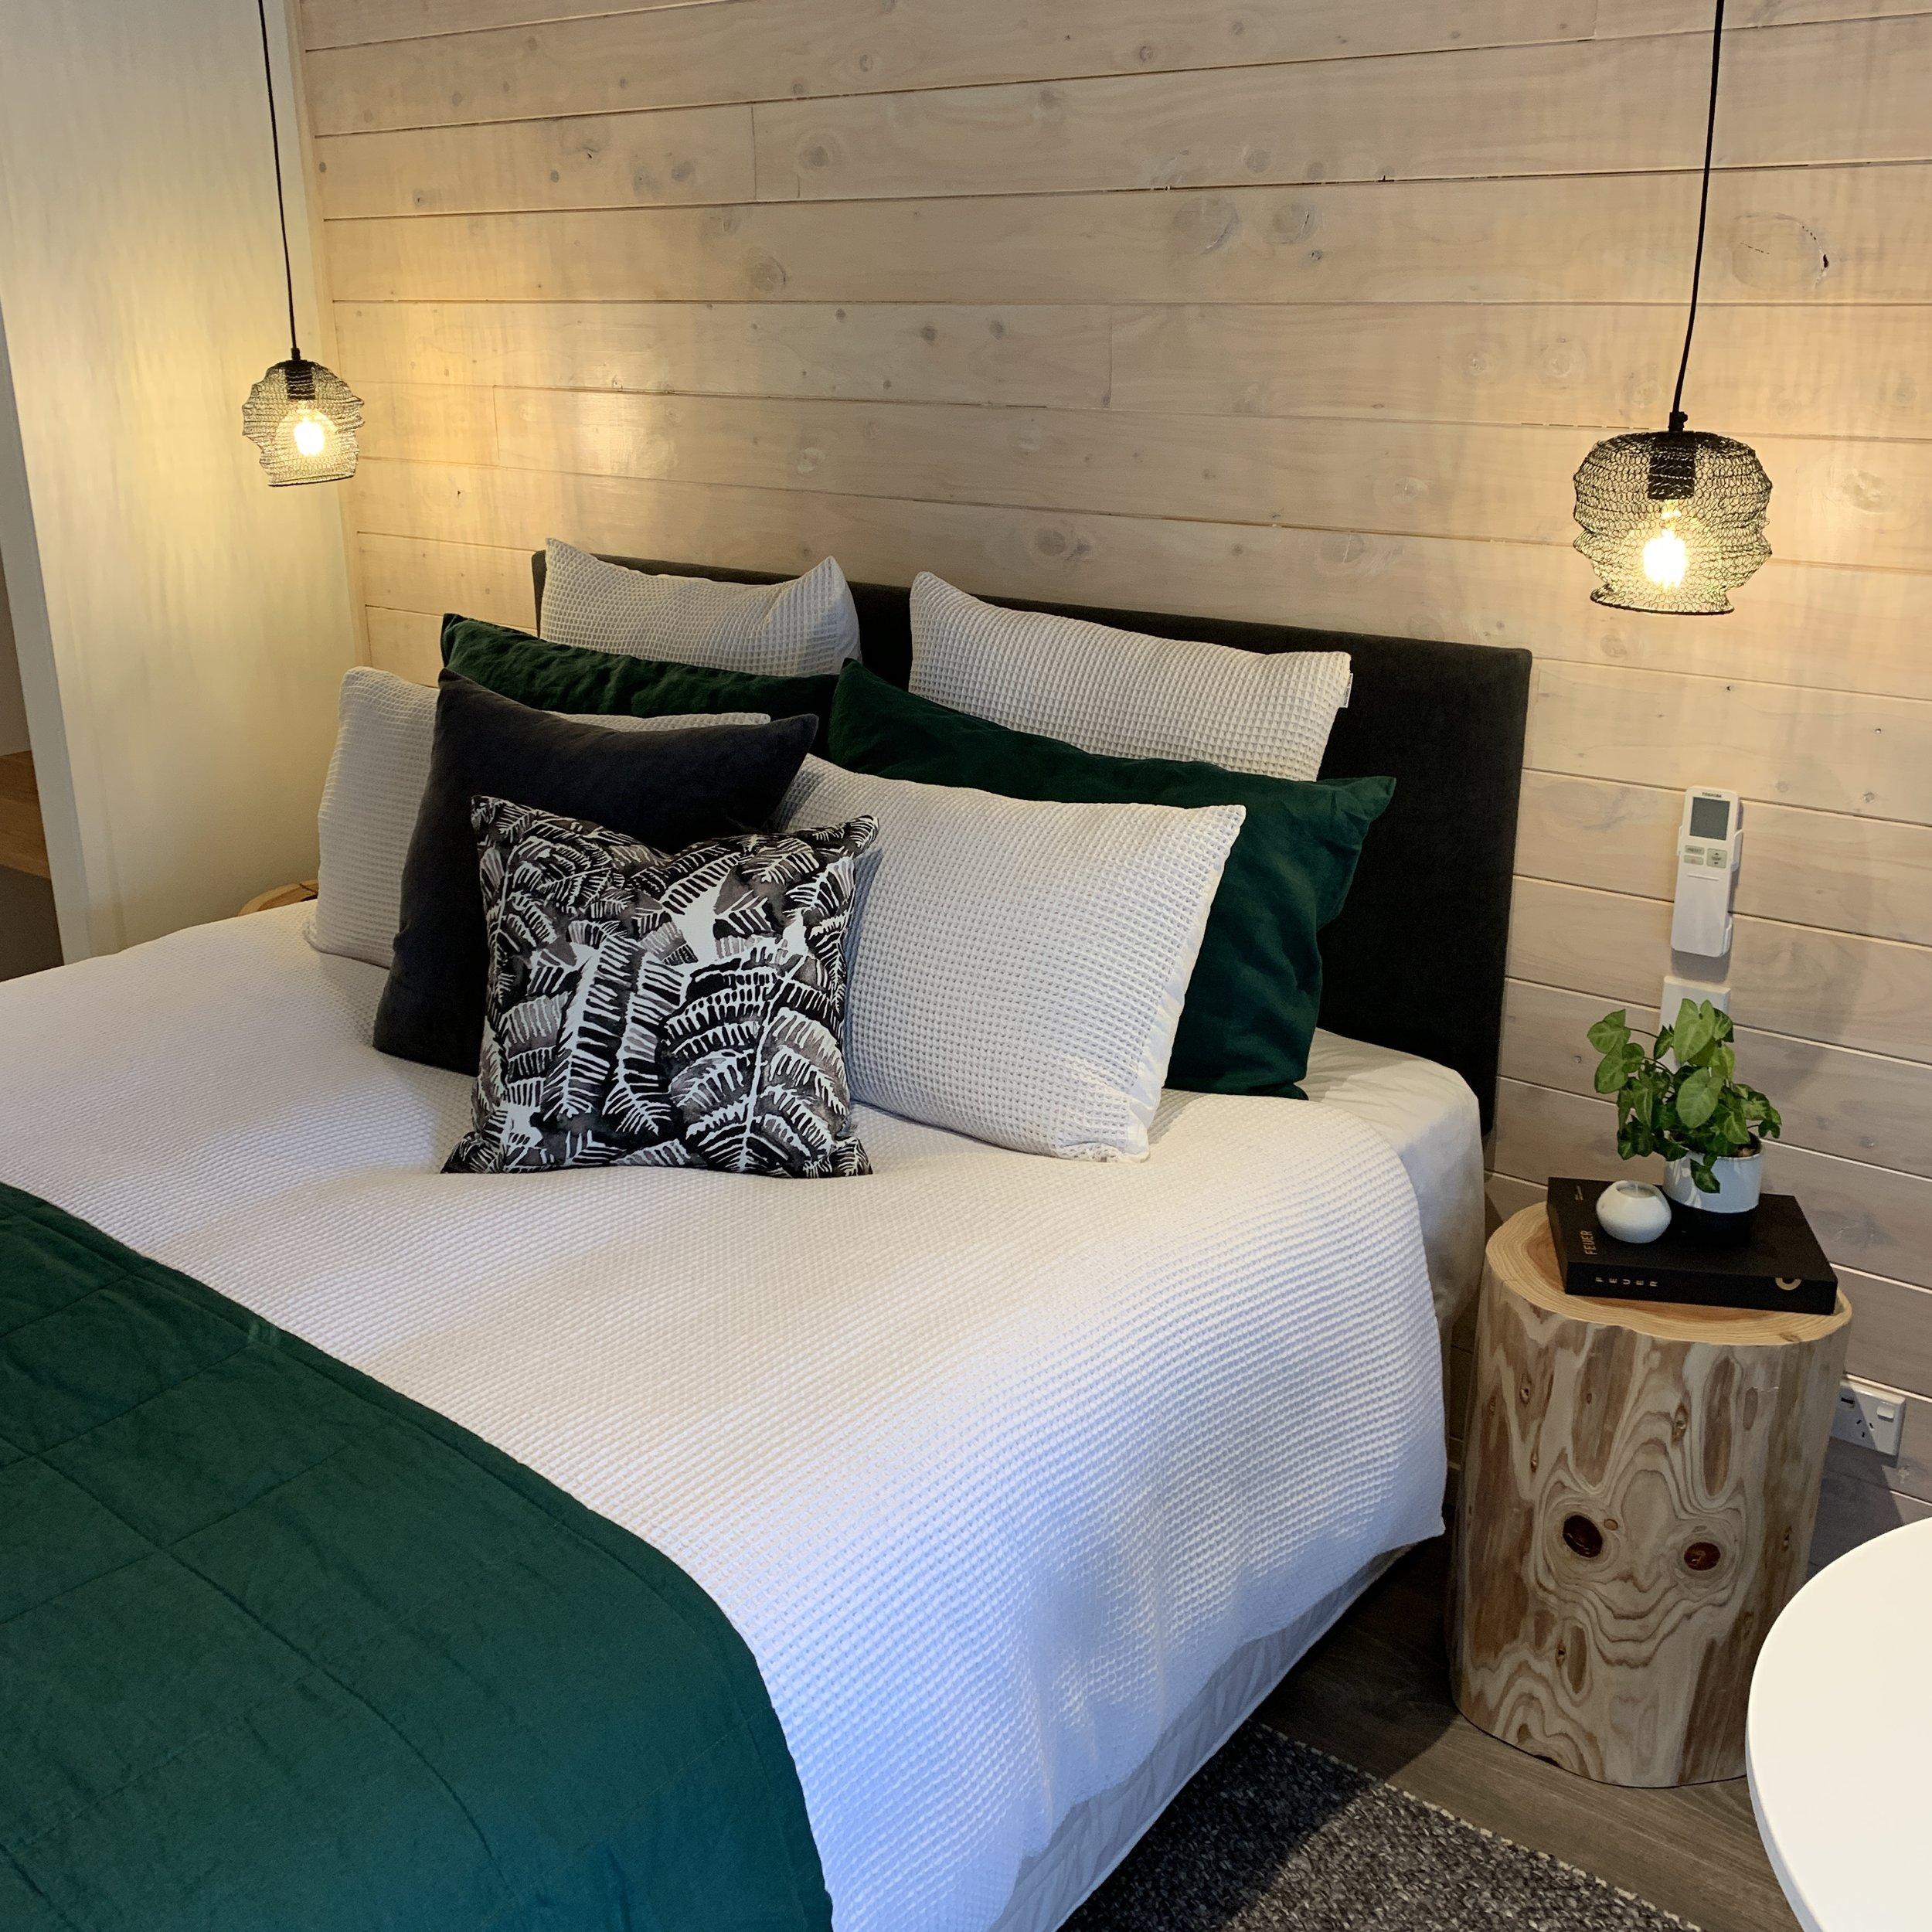 WAIRUA LODGE - A tranquil lodge renovation…